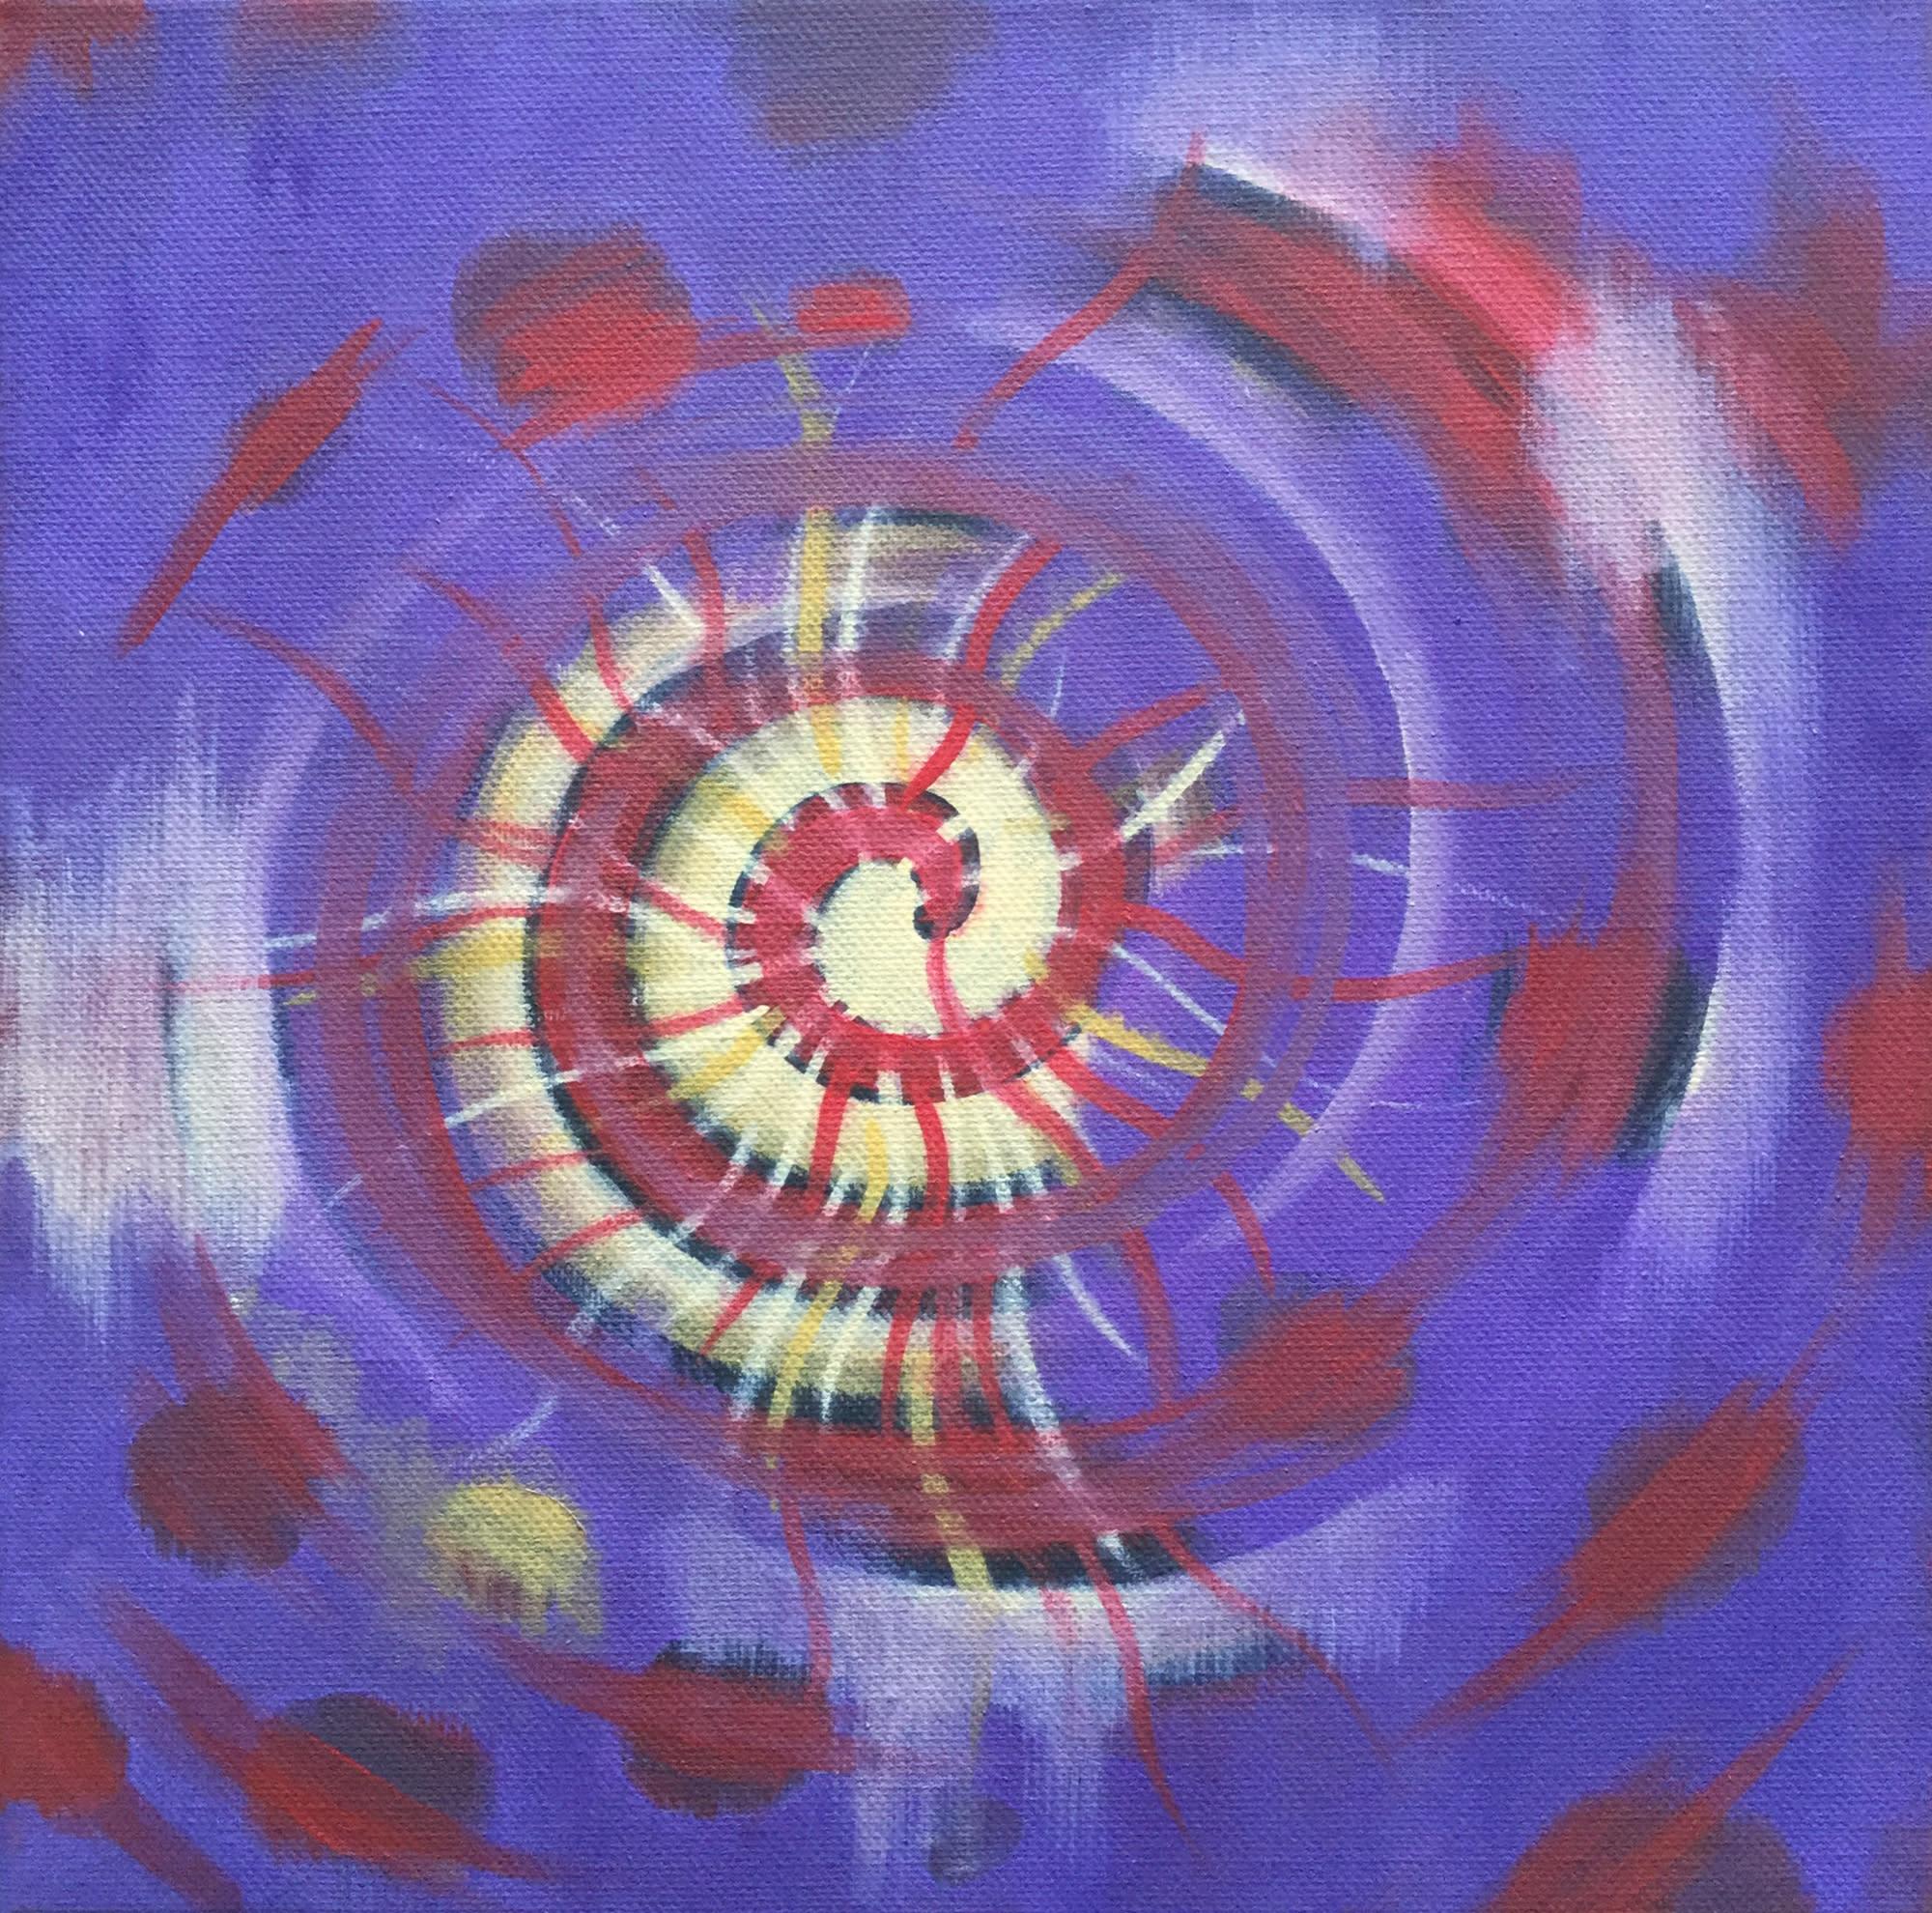 Spiraling jwjhyt